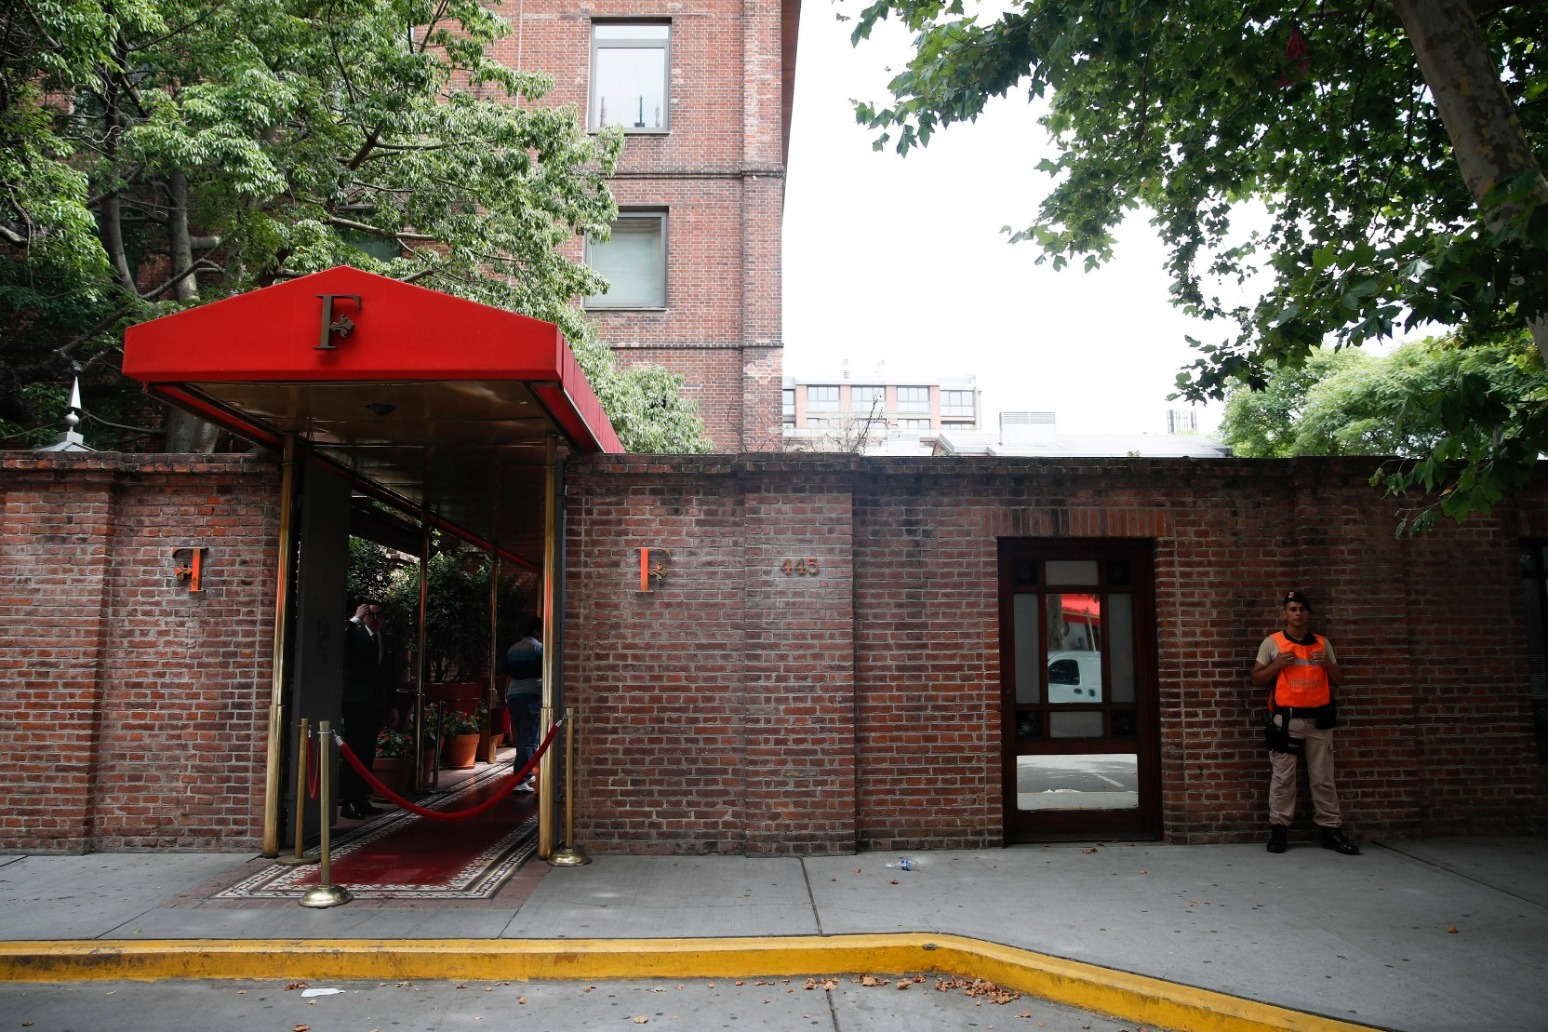 BRITISH TOURIST SHOT DEAD IN ARGENTINA ROBBERY ATTEMPT